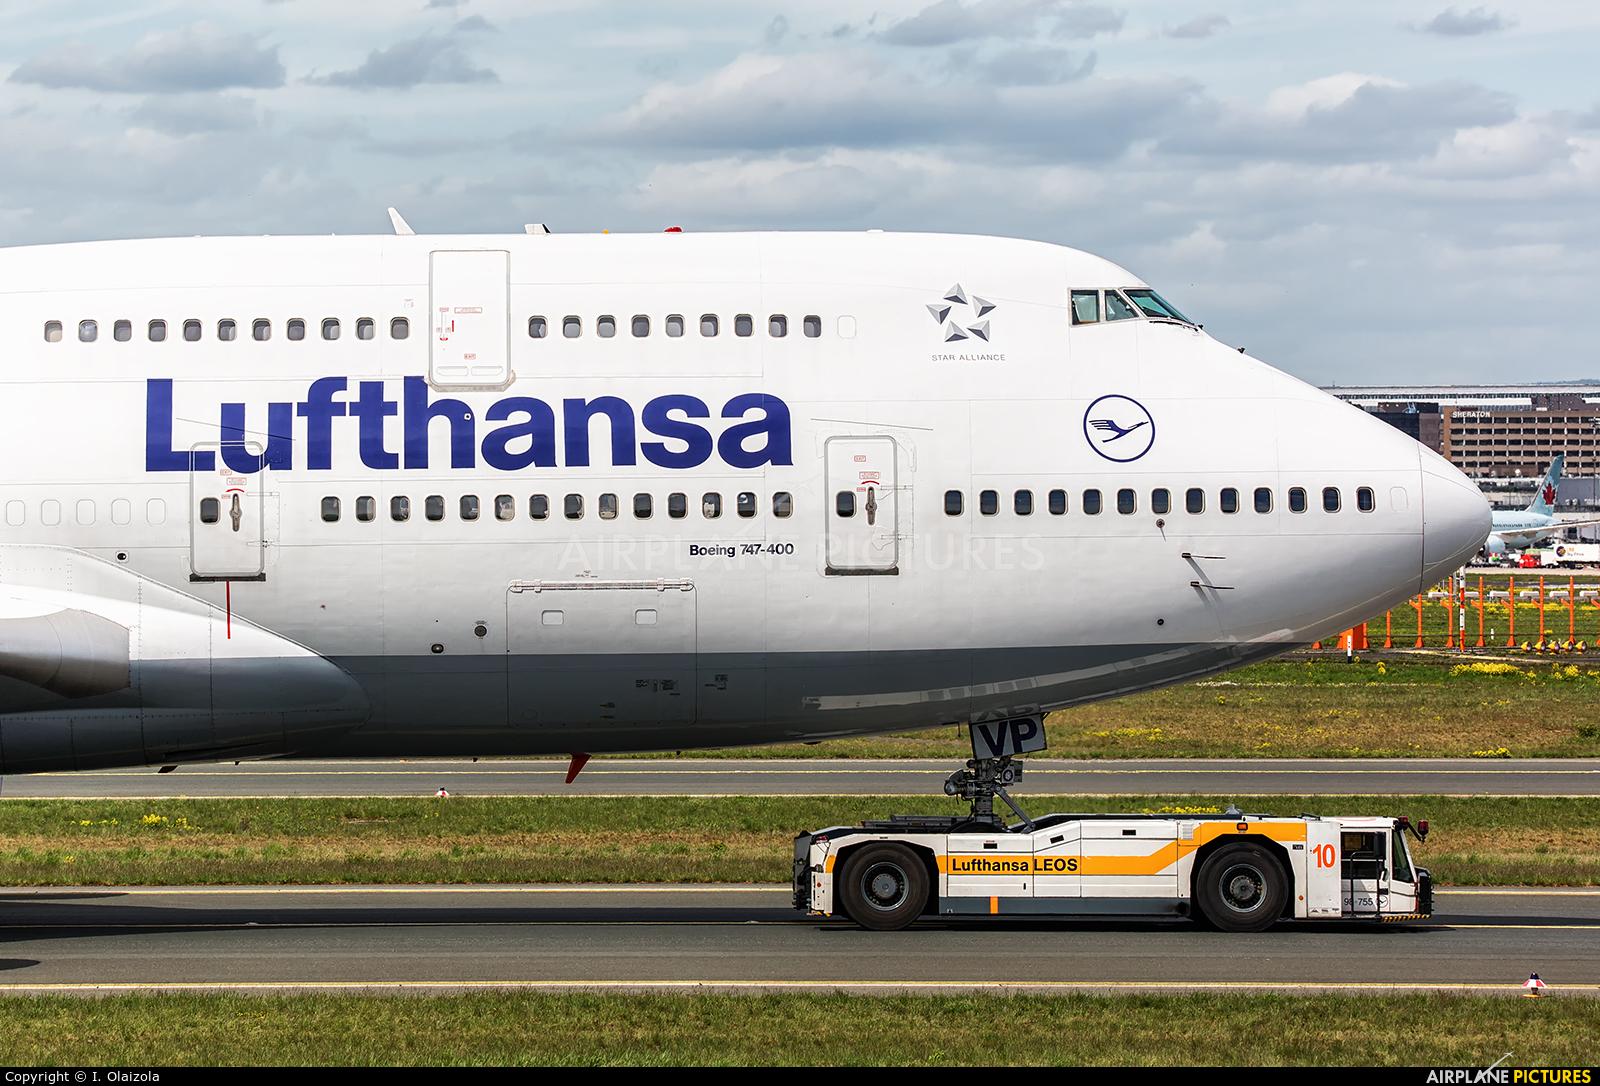 Lufthansa D-ABVP aircraft at Frankfurt